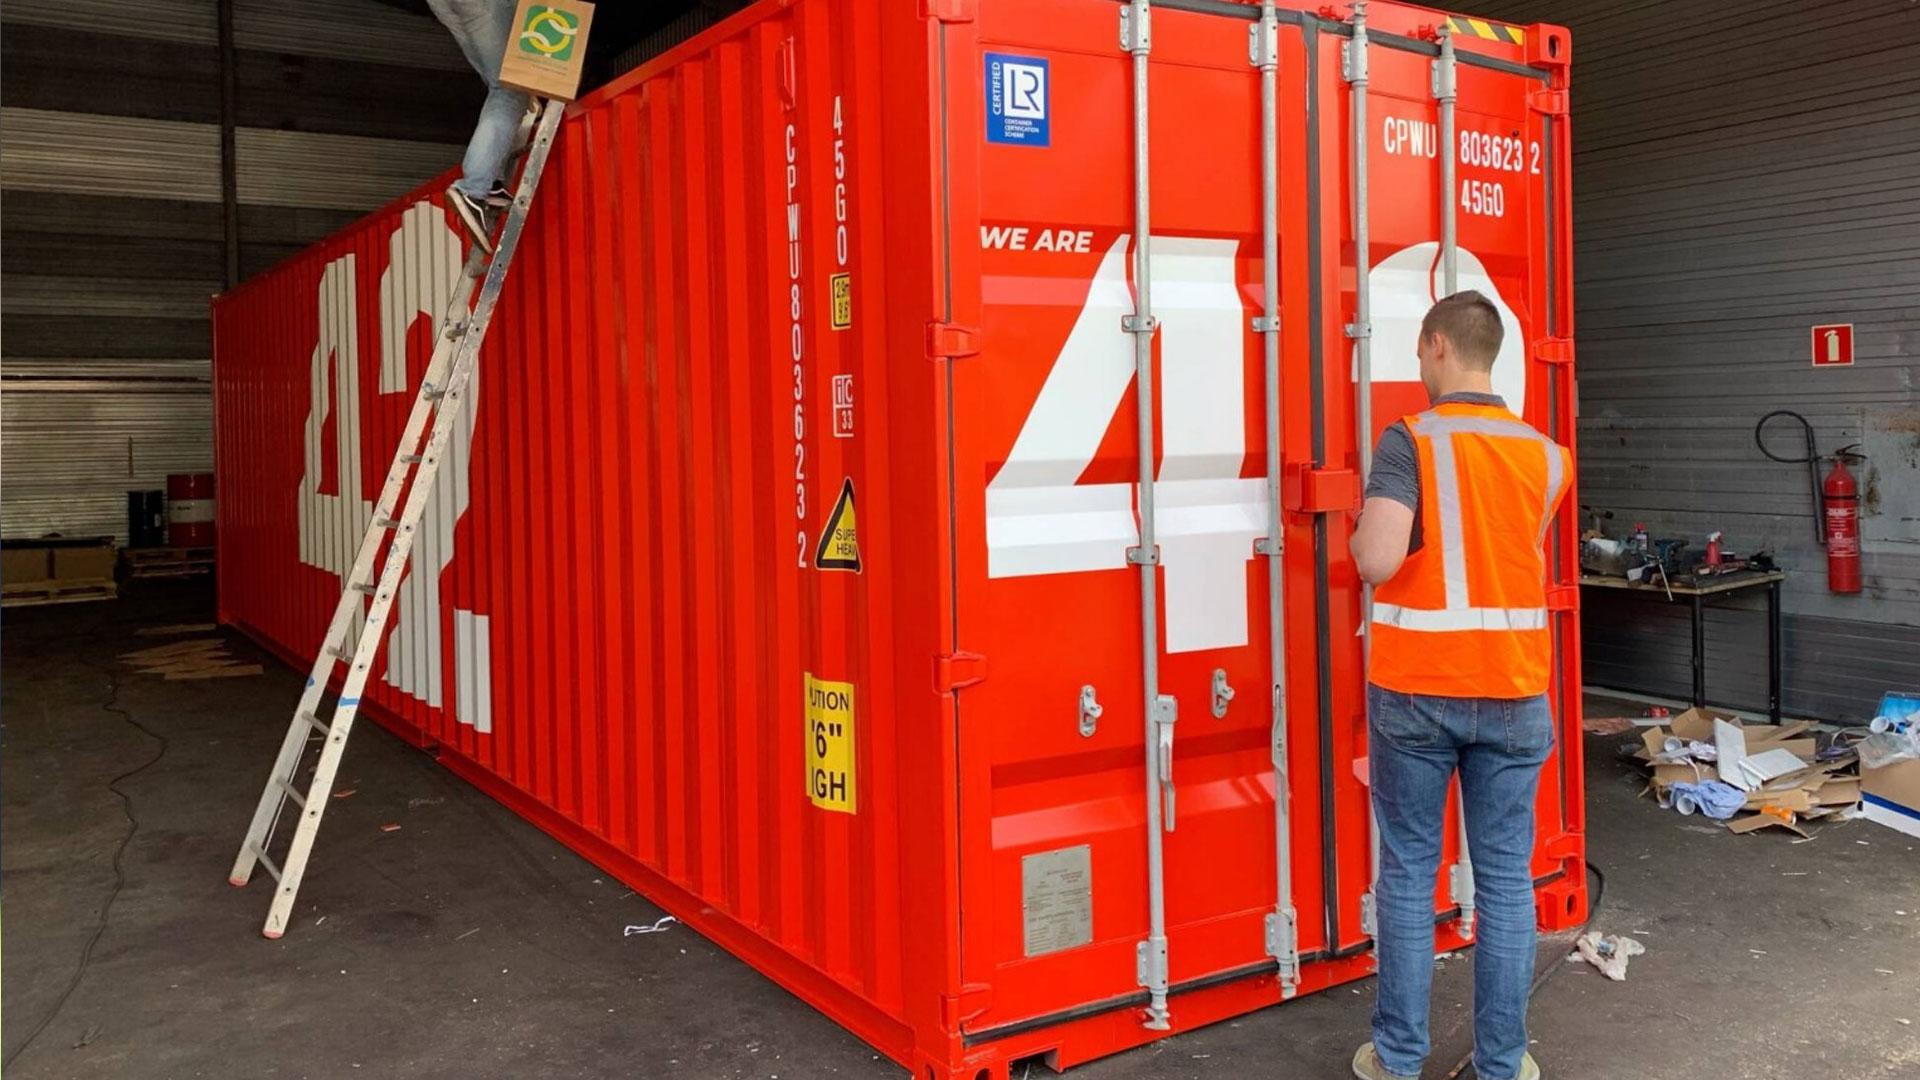 Rotterdamse haven stuurt 'slimme' container op wereldreis (NL)